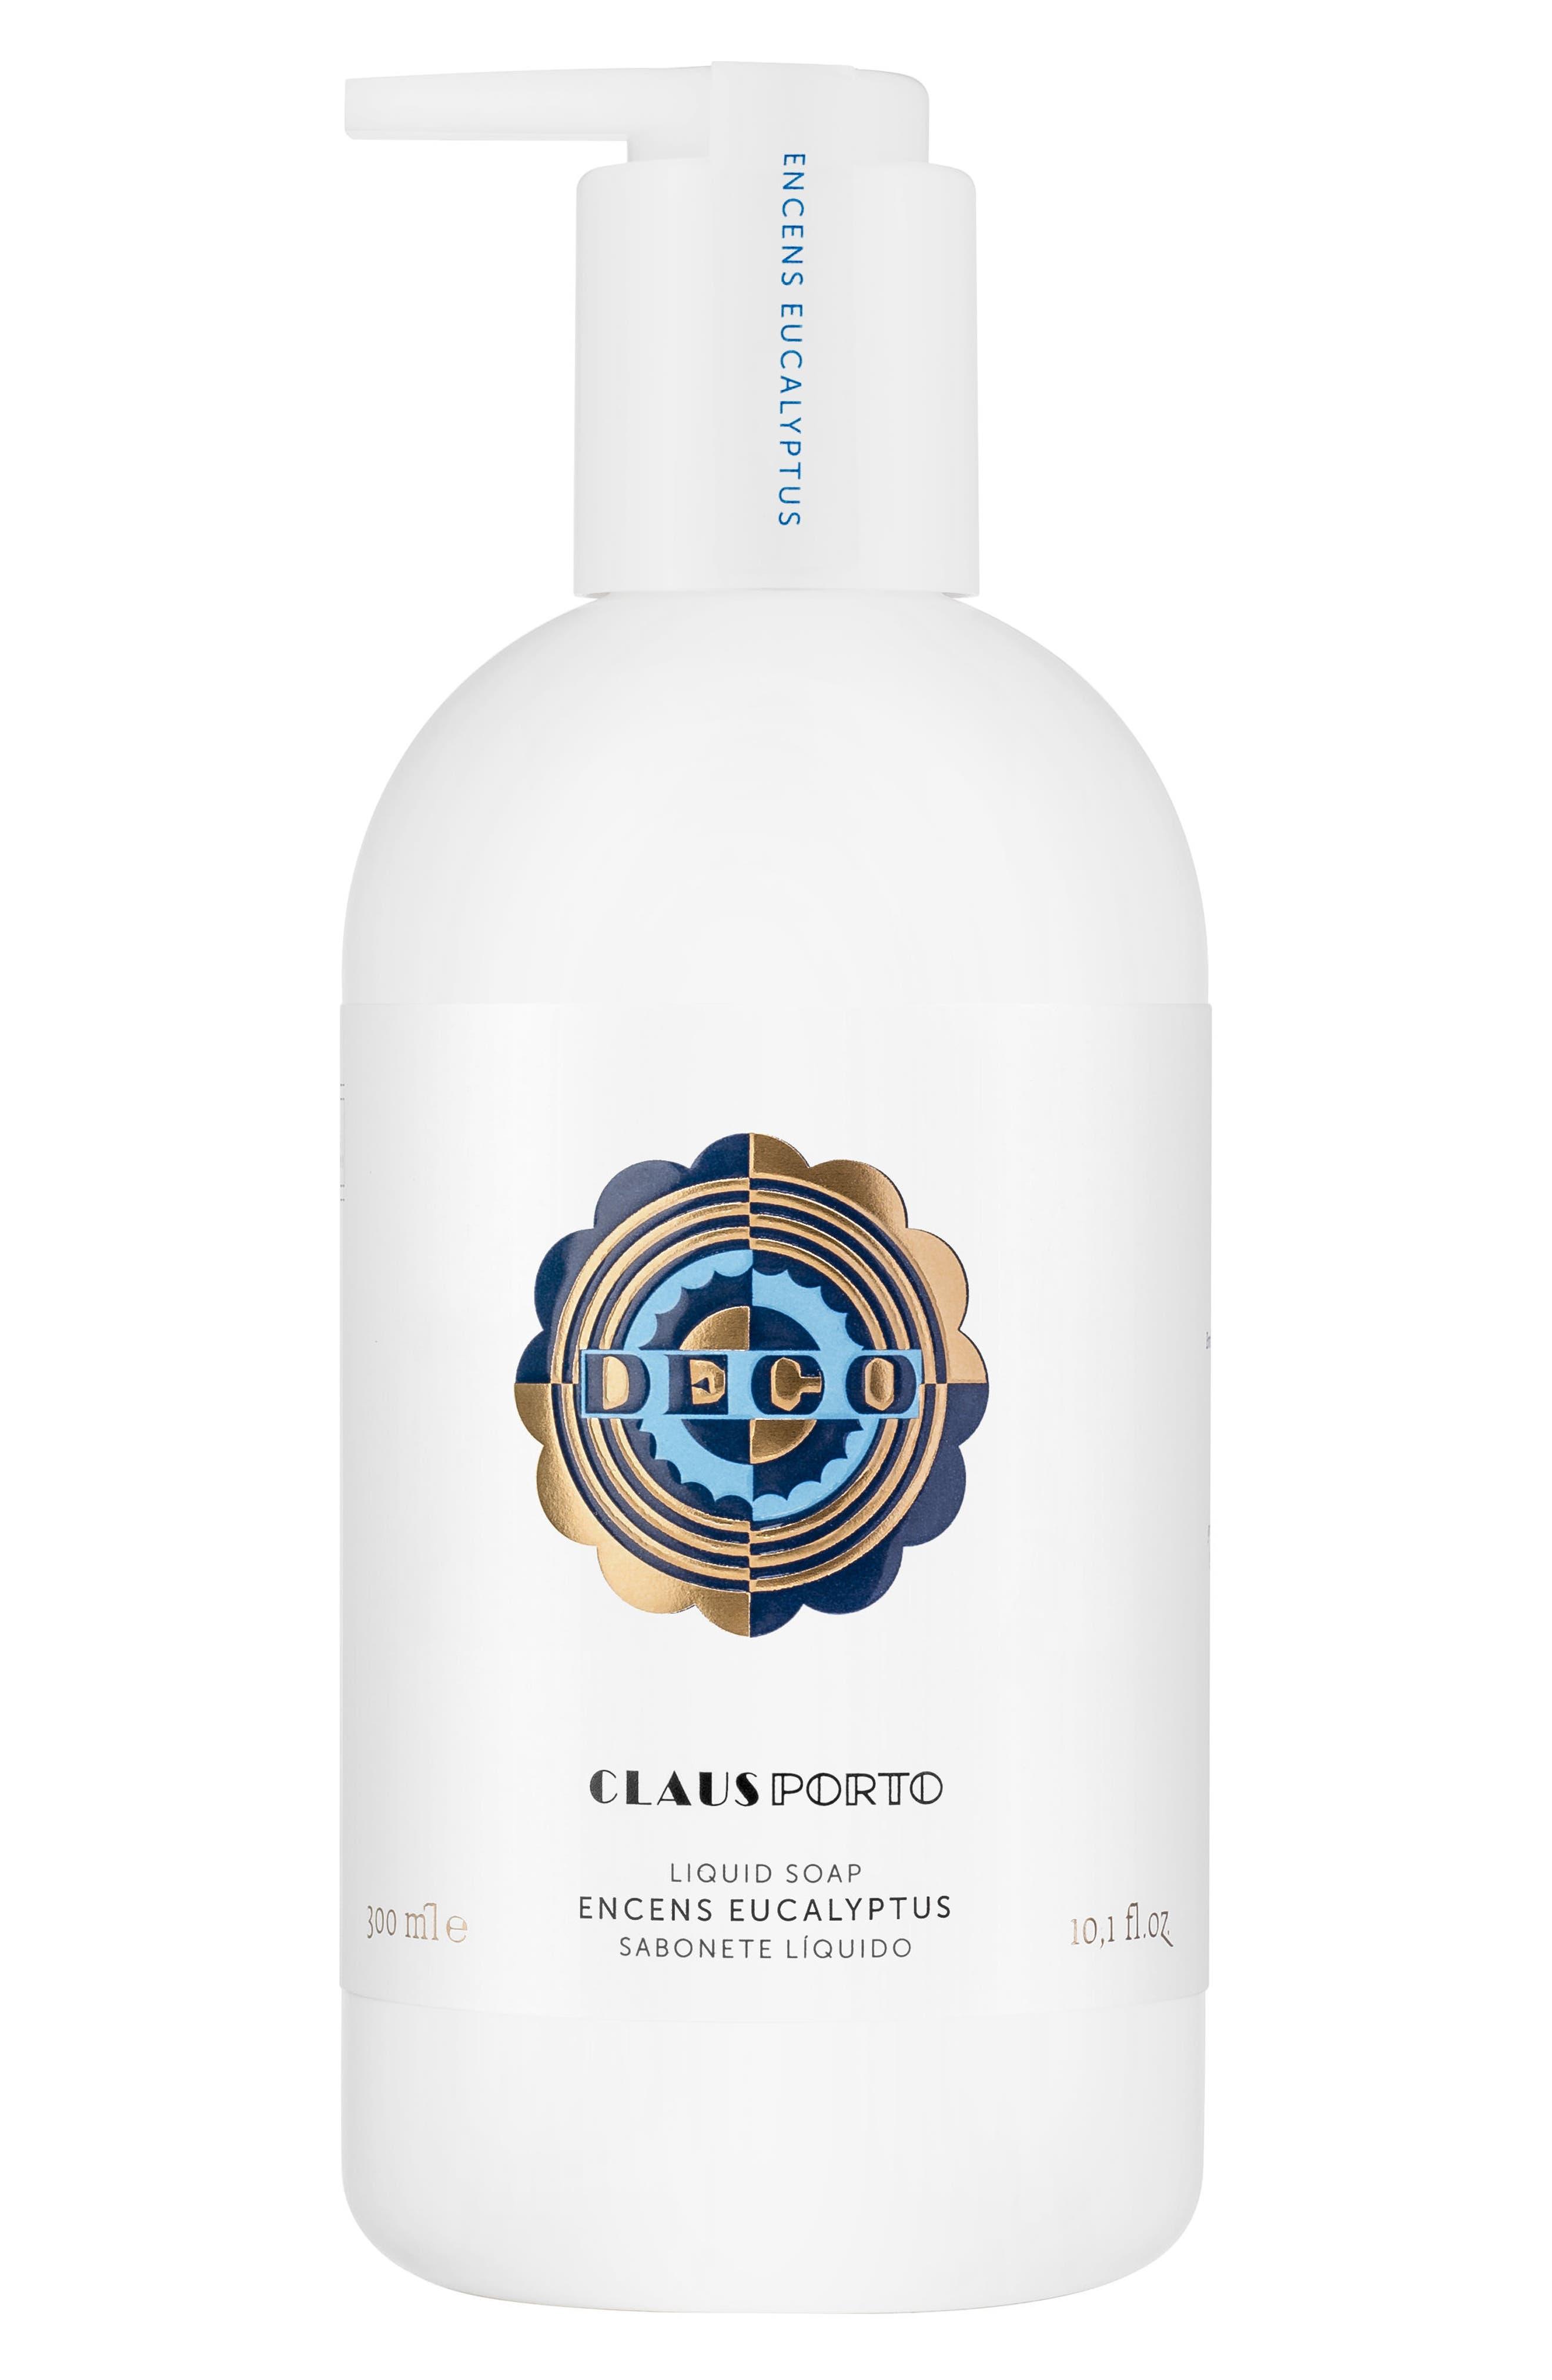 Claus Porto Deco Encens Eucalyptus Liquid Soap